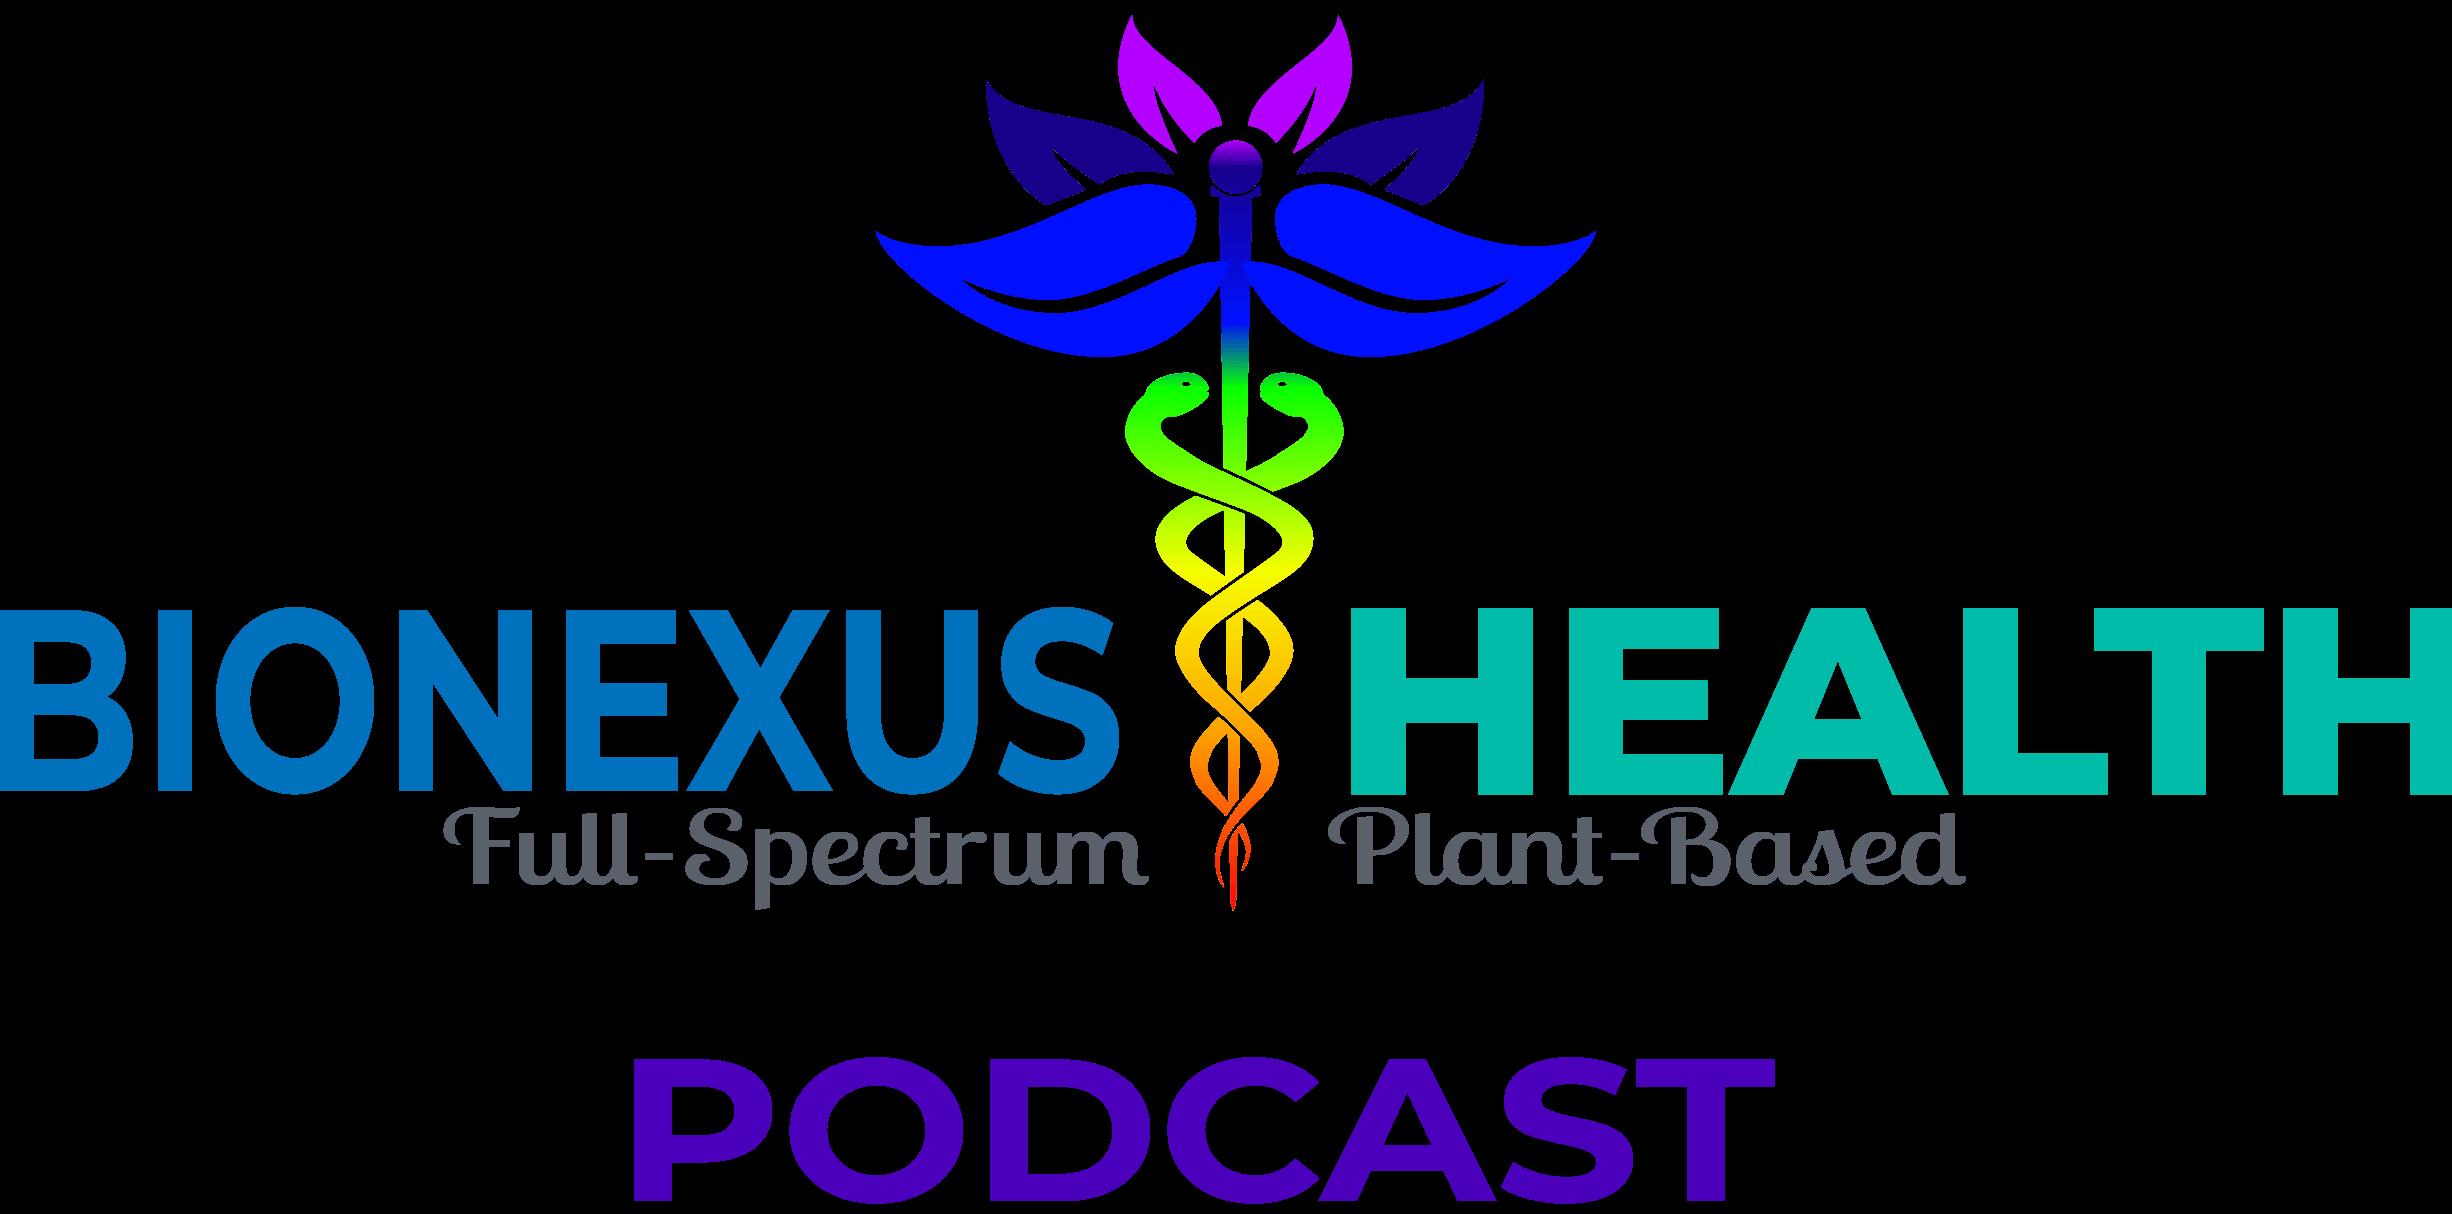 BioNexus Health Podcast